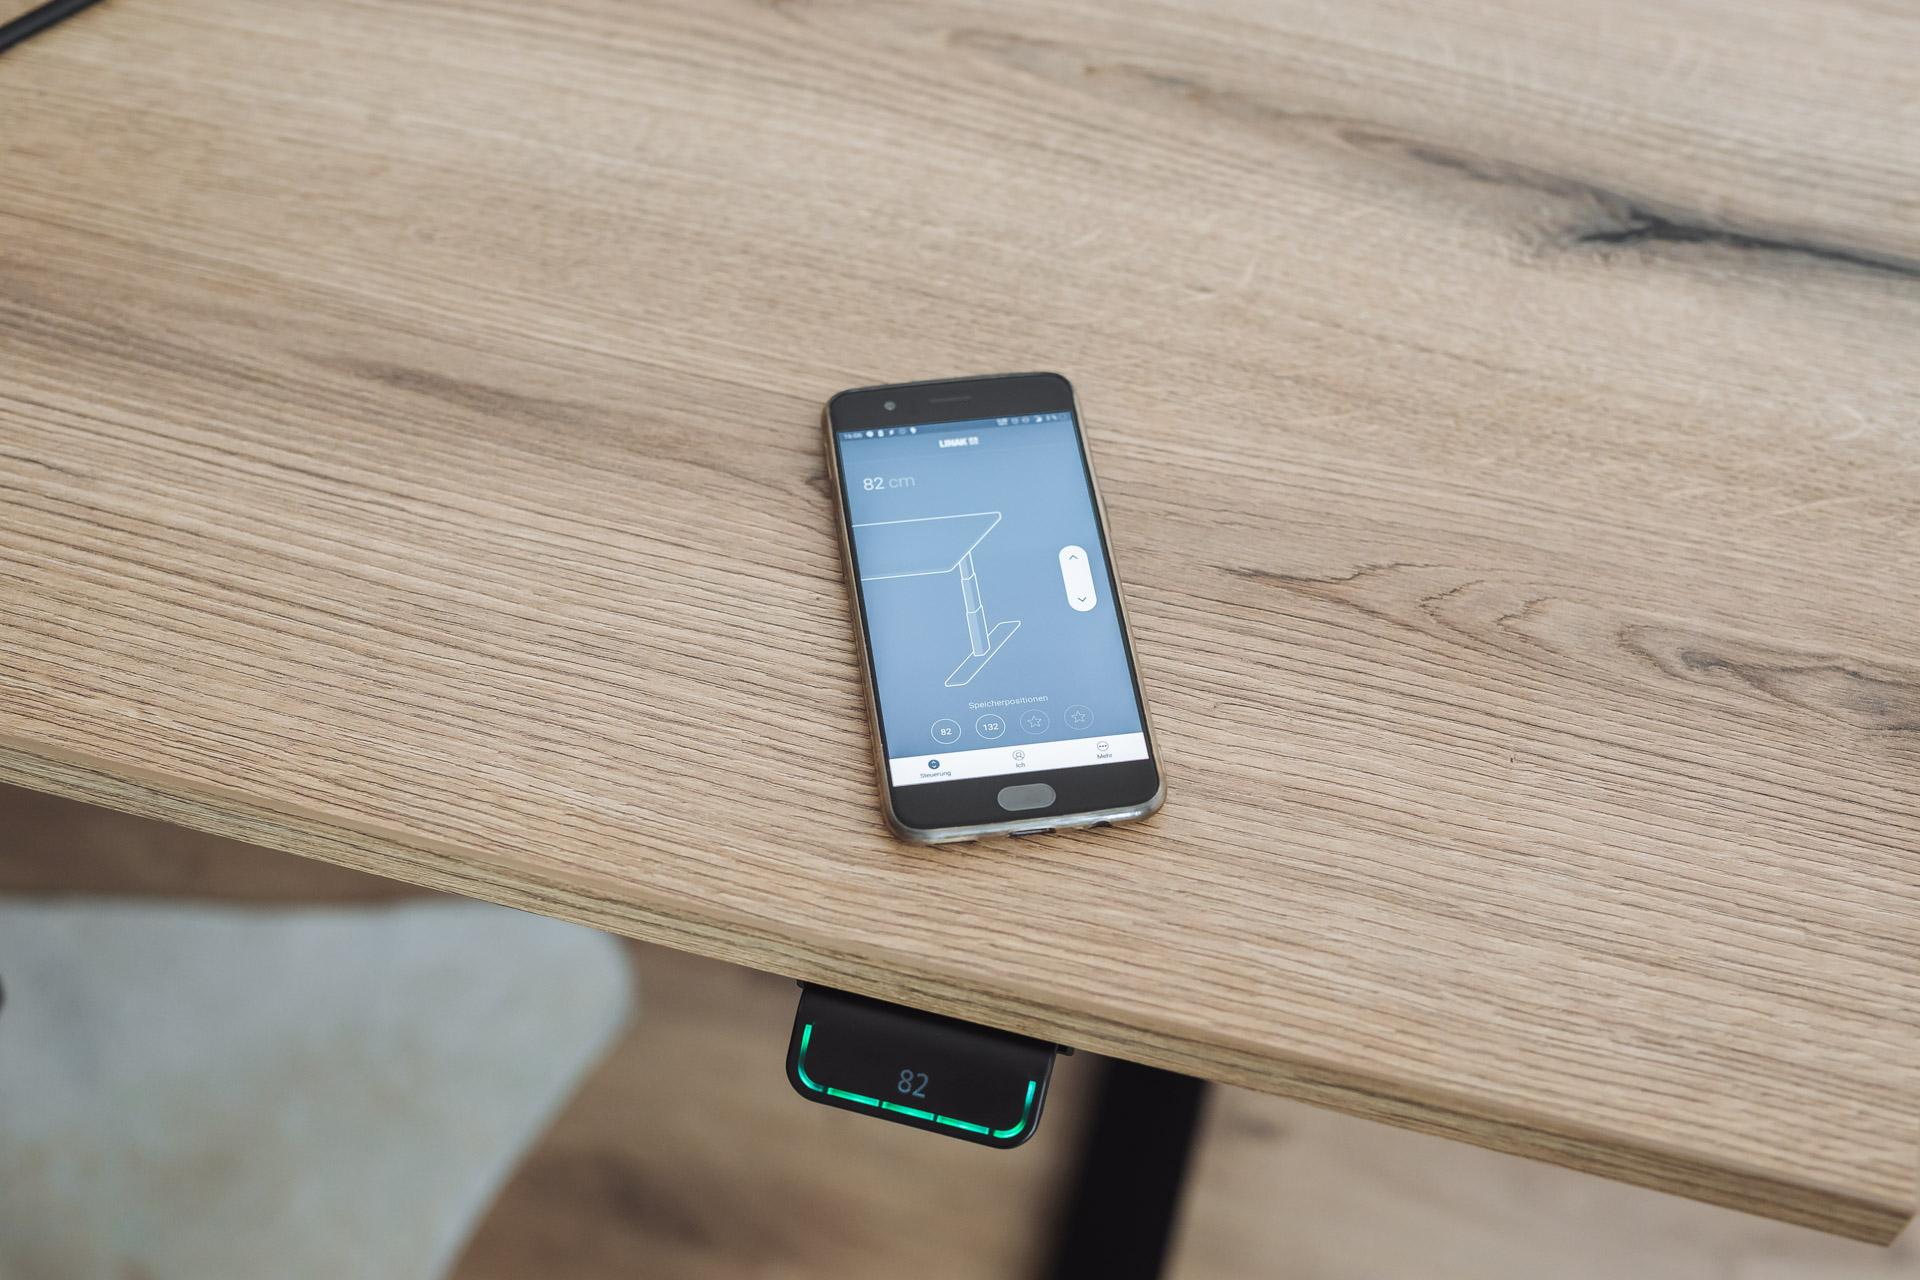 Tischgestell höhenverstellbar Schreibtisch Linak mit App Funktion